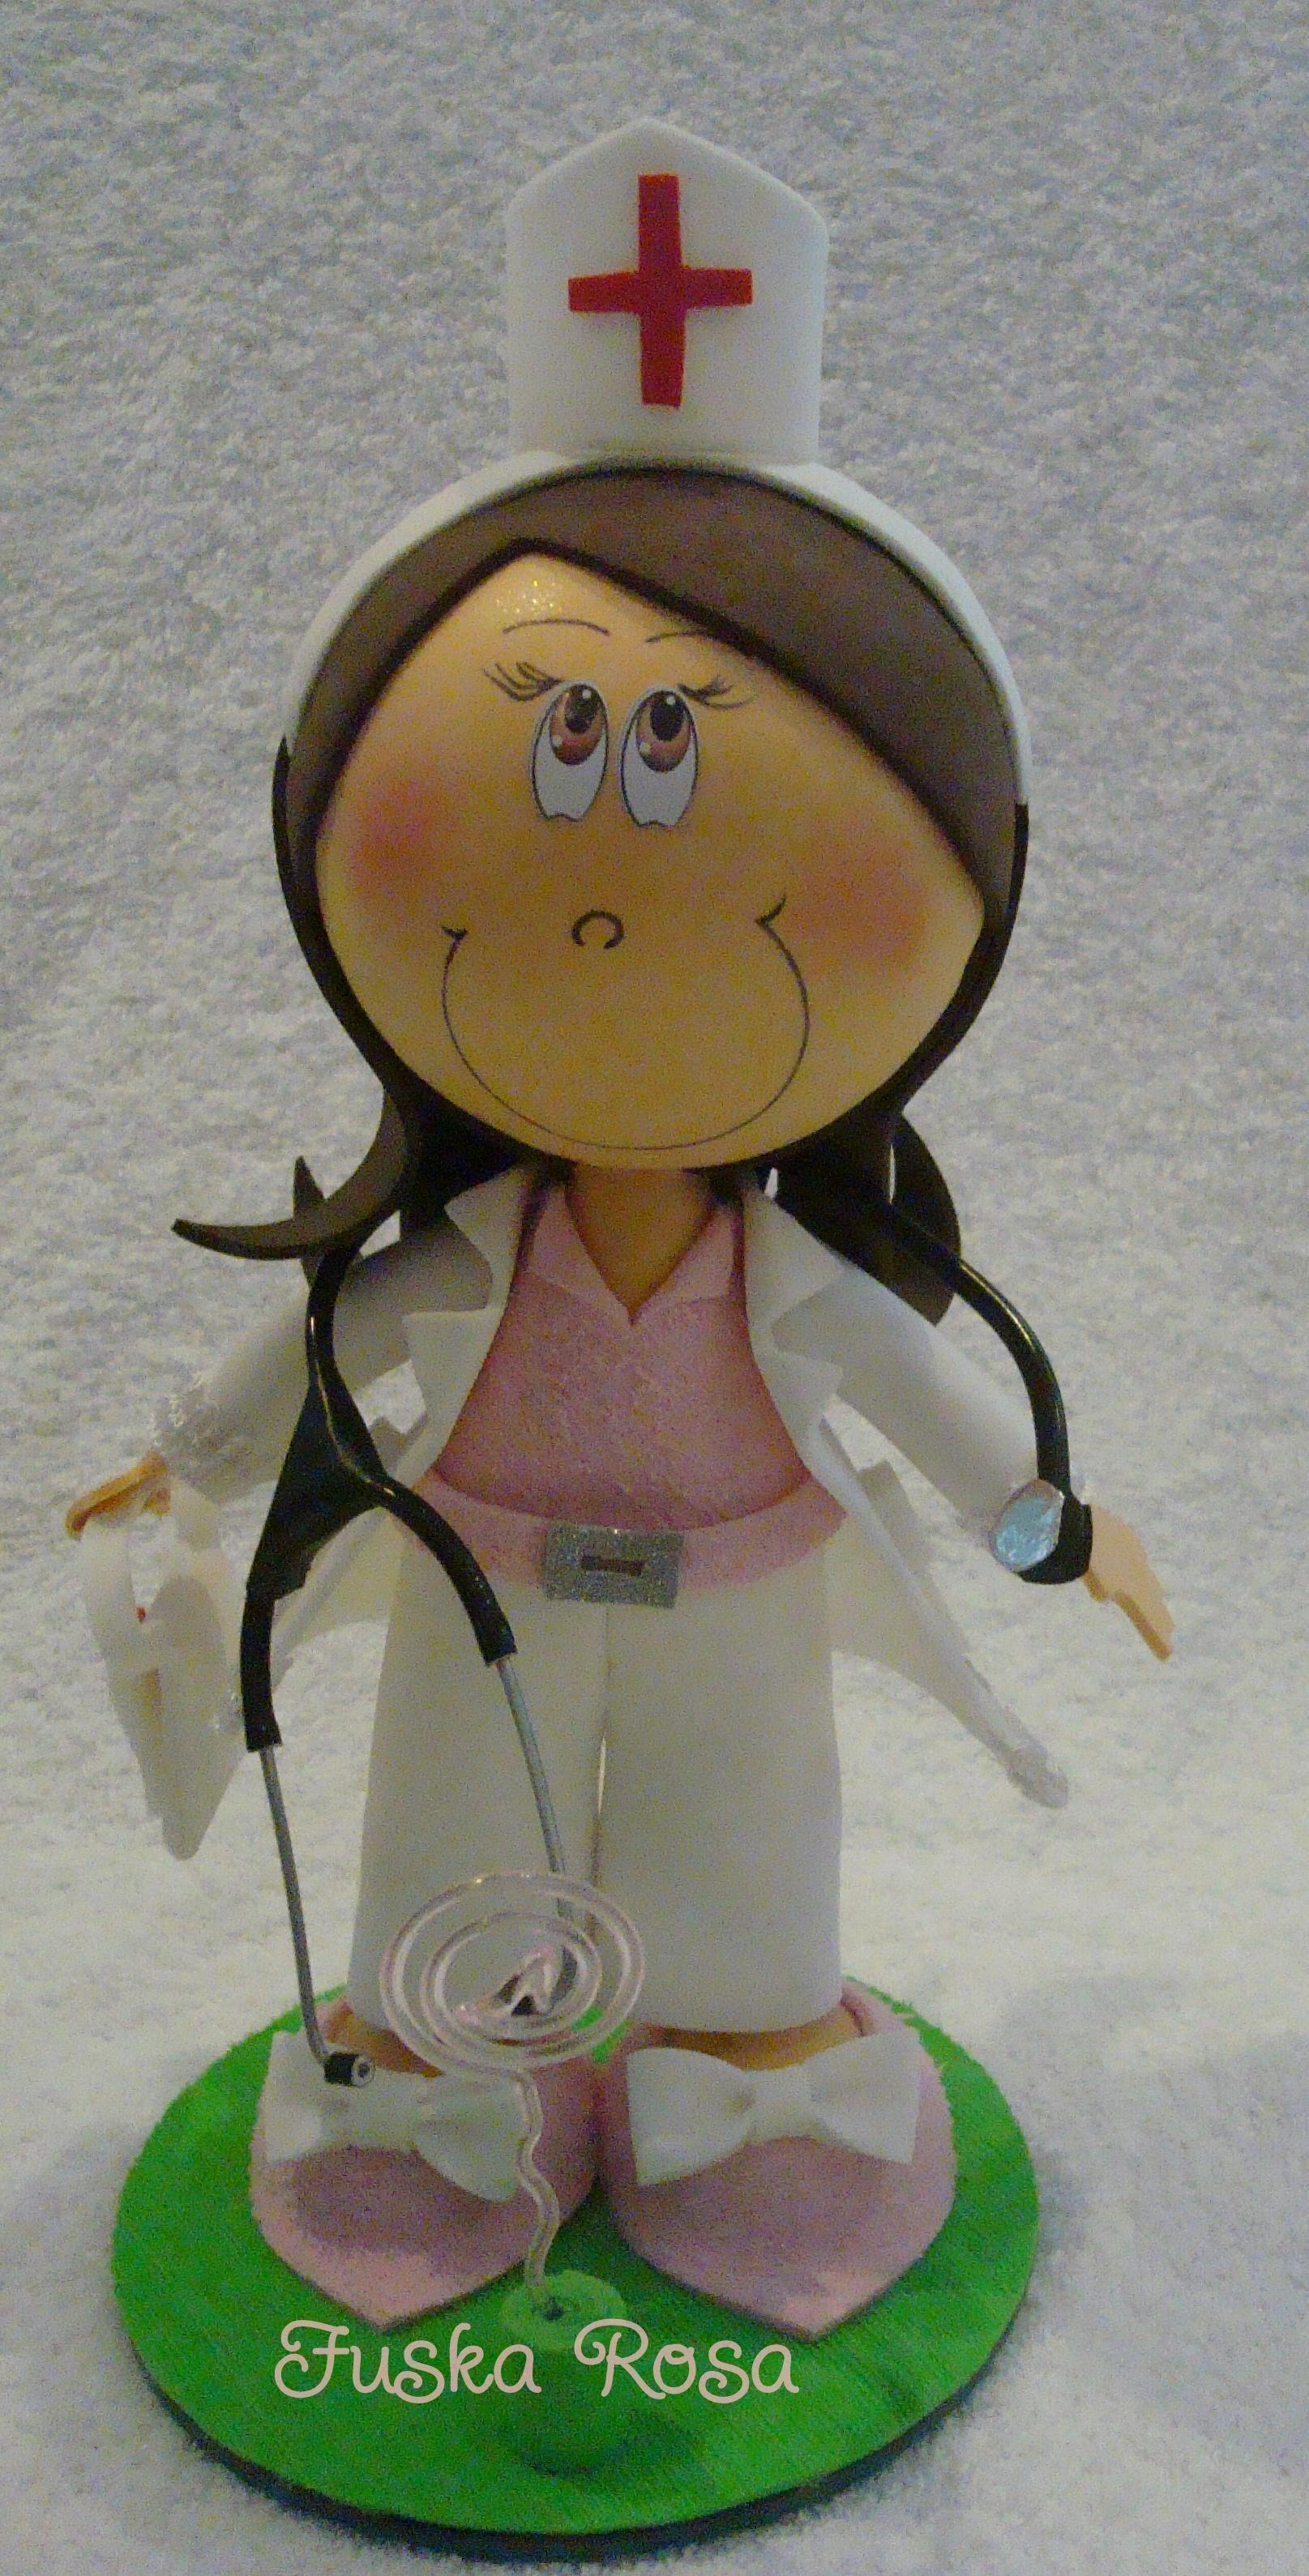 fofucha enfermeira personalizada fofucha enfermeira personalizada ...